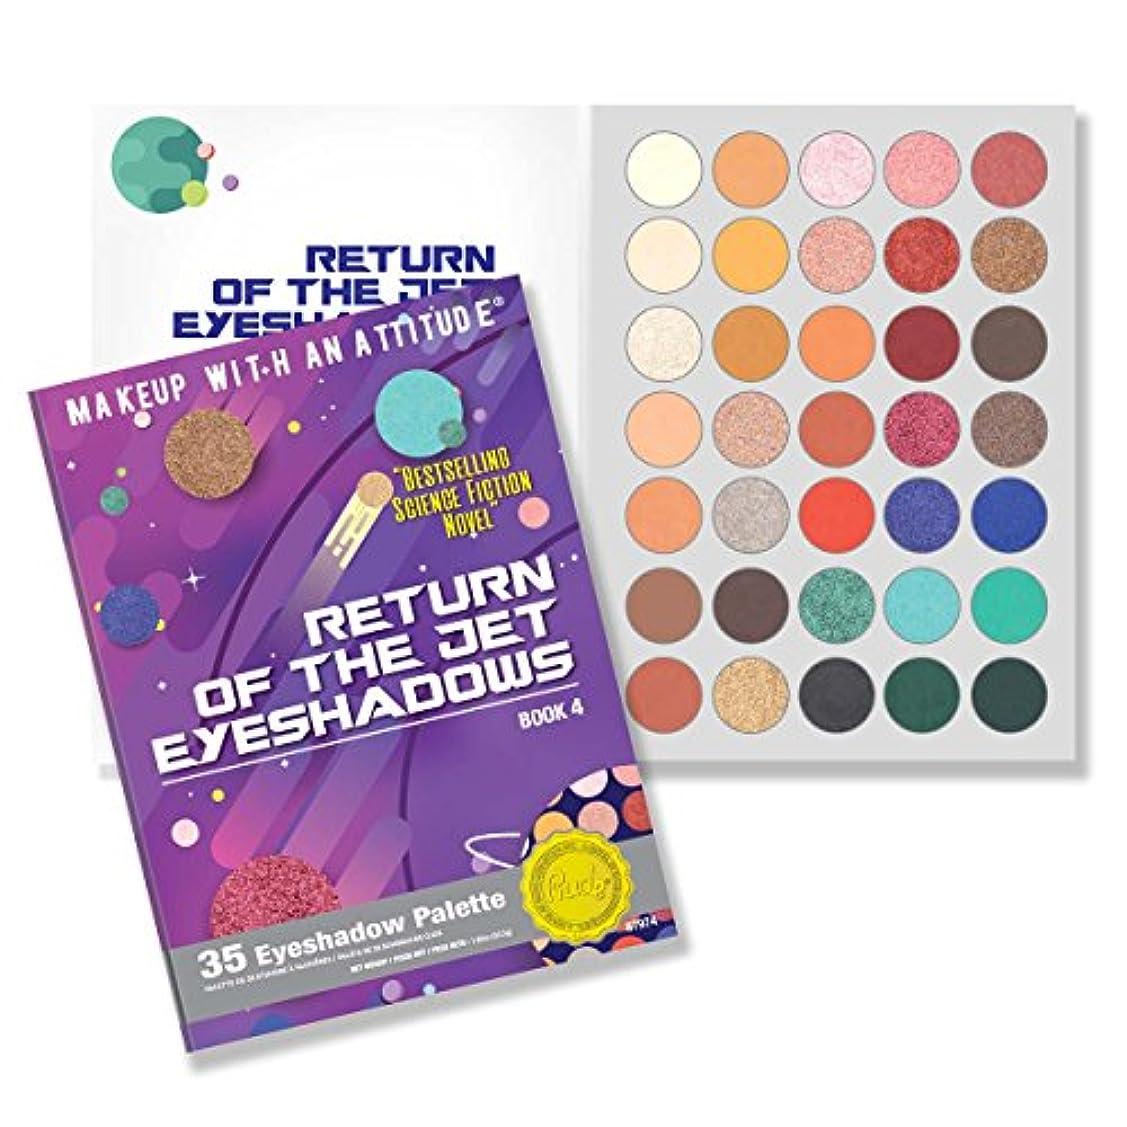 バランスのとれた観察現代(6 Pack) RUDE Return Of The Jet Eyeshadows 35 Eyeshadow Palette - Book 4 (並行輸入品)